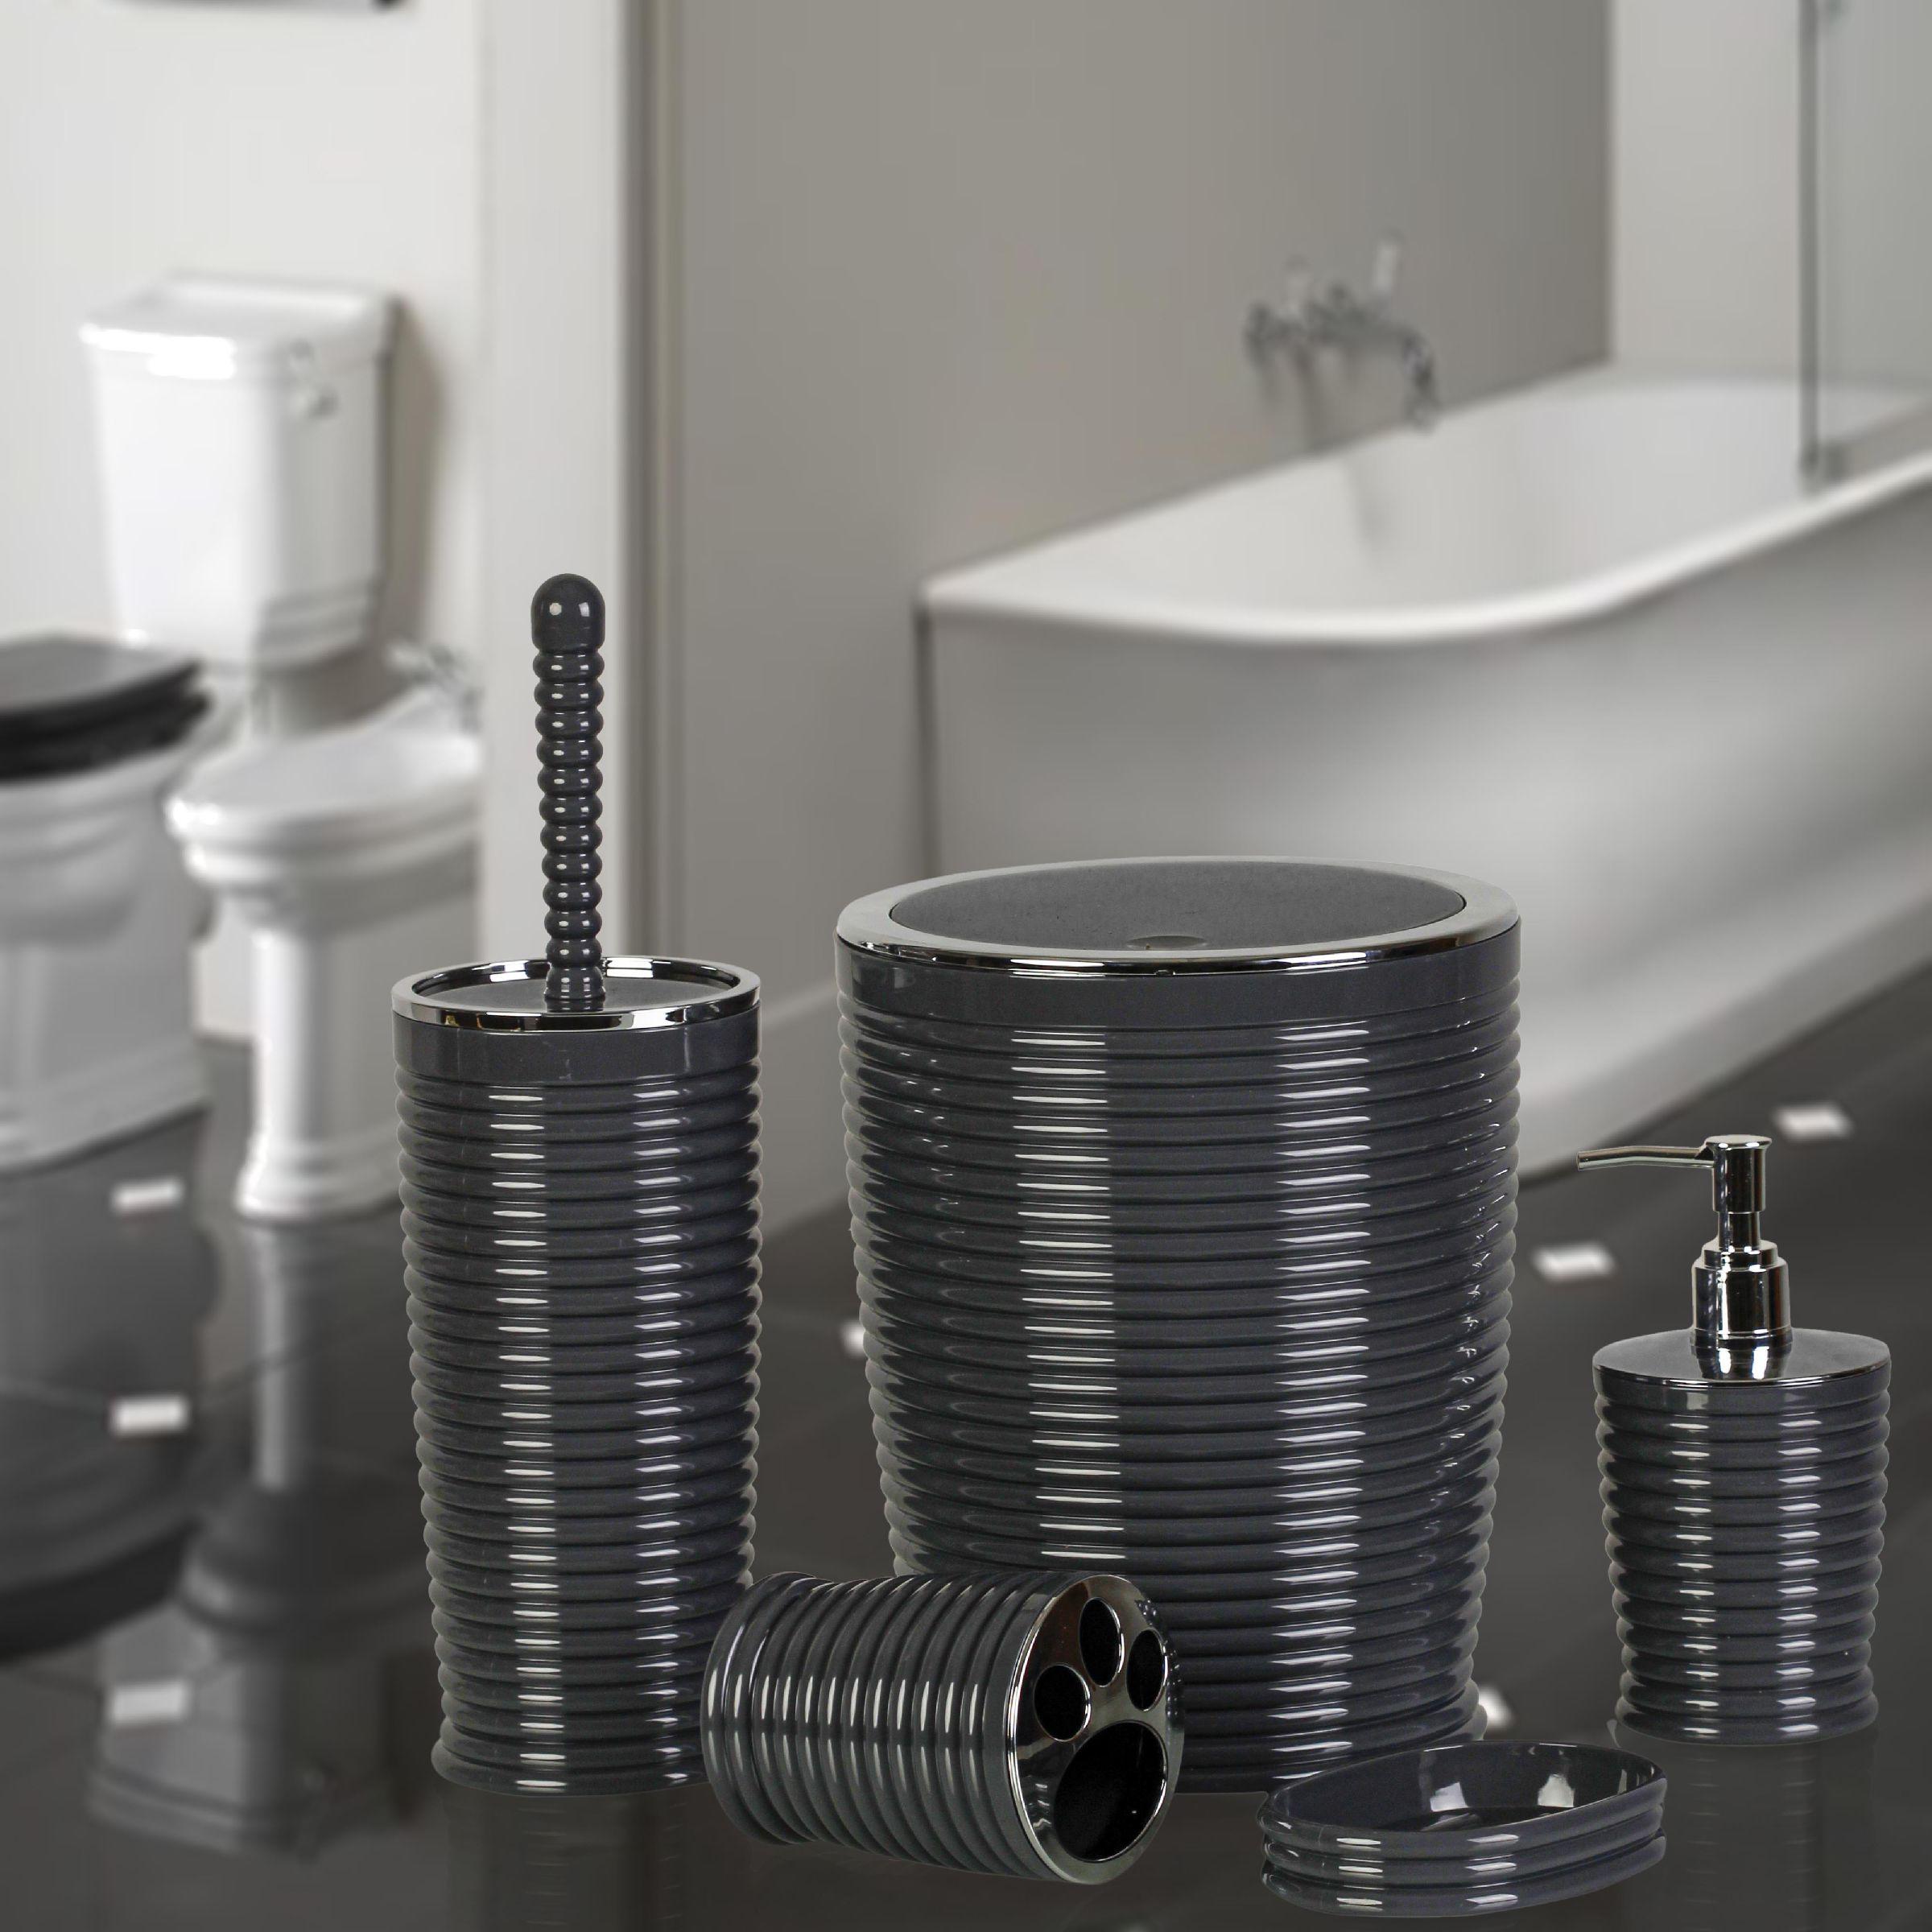 OceanLand Chrome Elegans 5 Pcs Bathroom Set Hard Plastic Toothbrush Holder Soap Dispenser Toilet Brush Dustbin enlarge